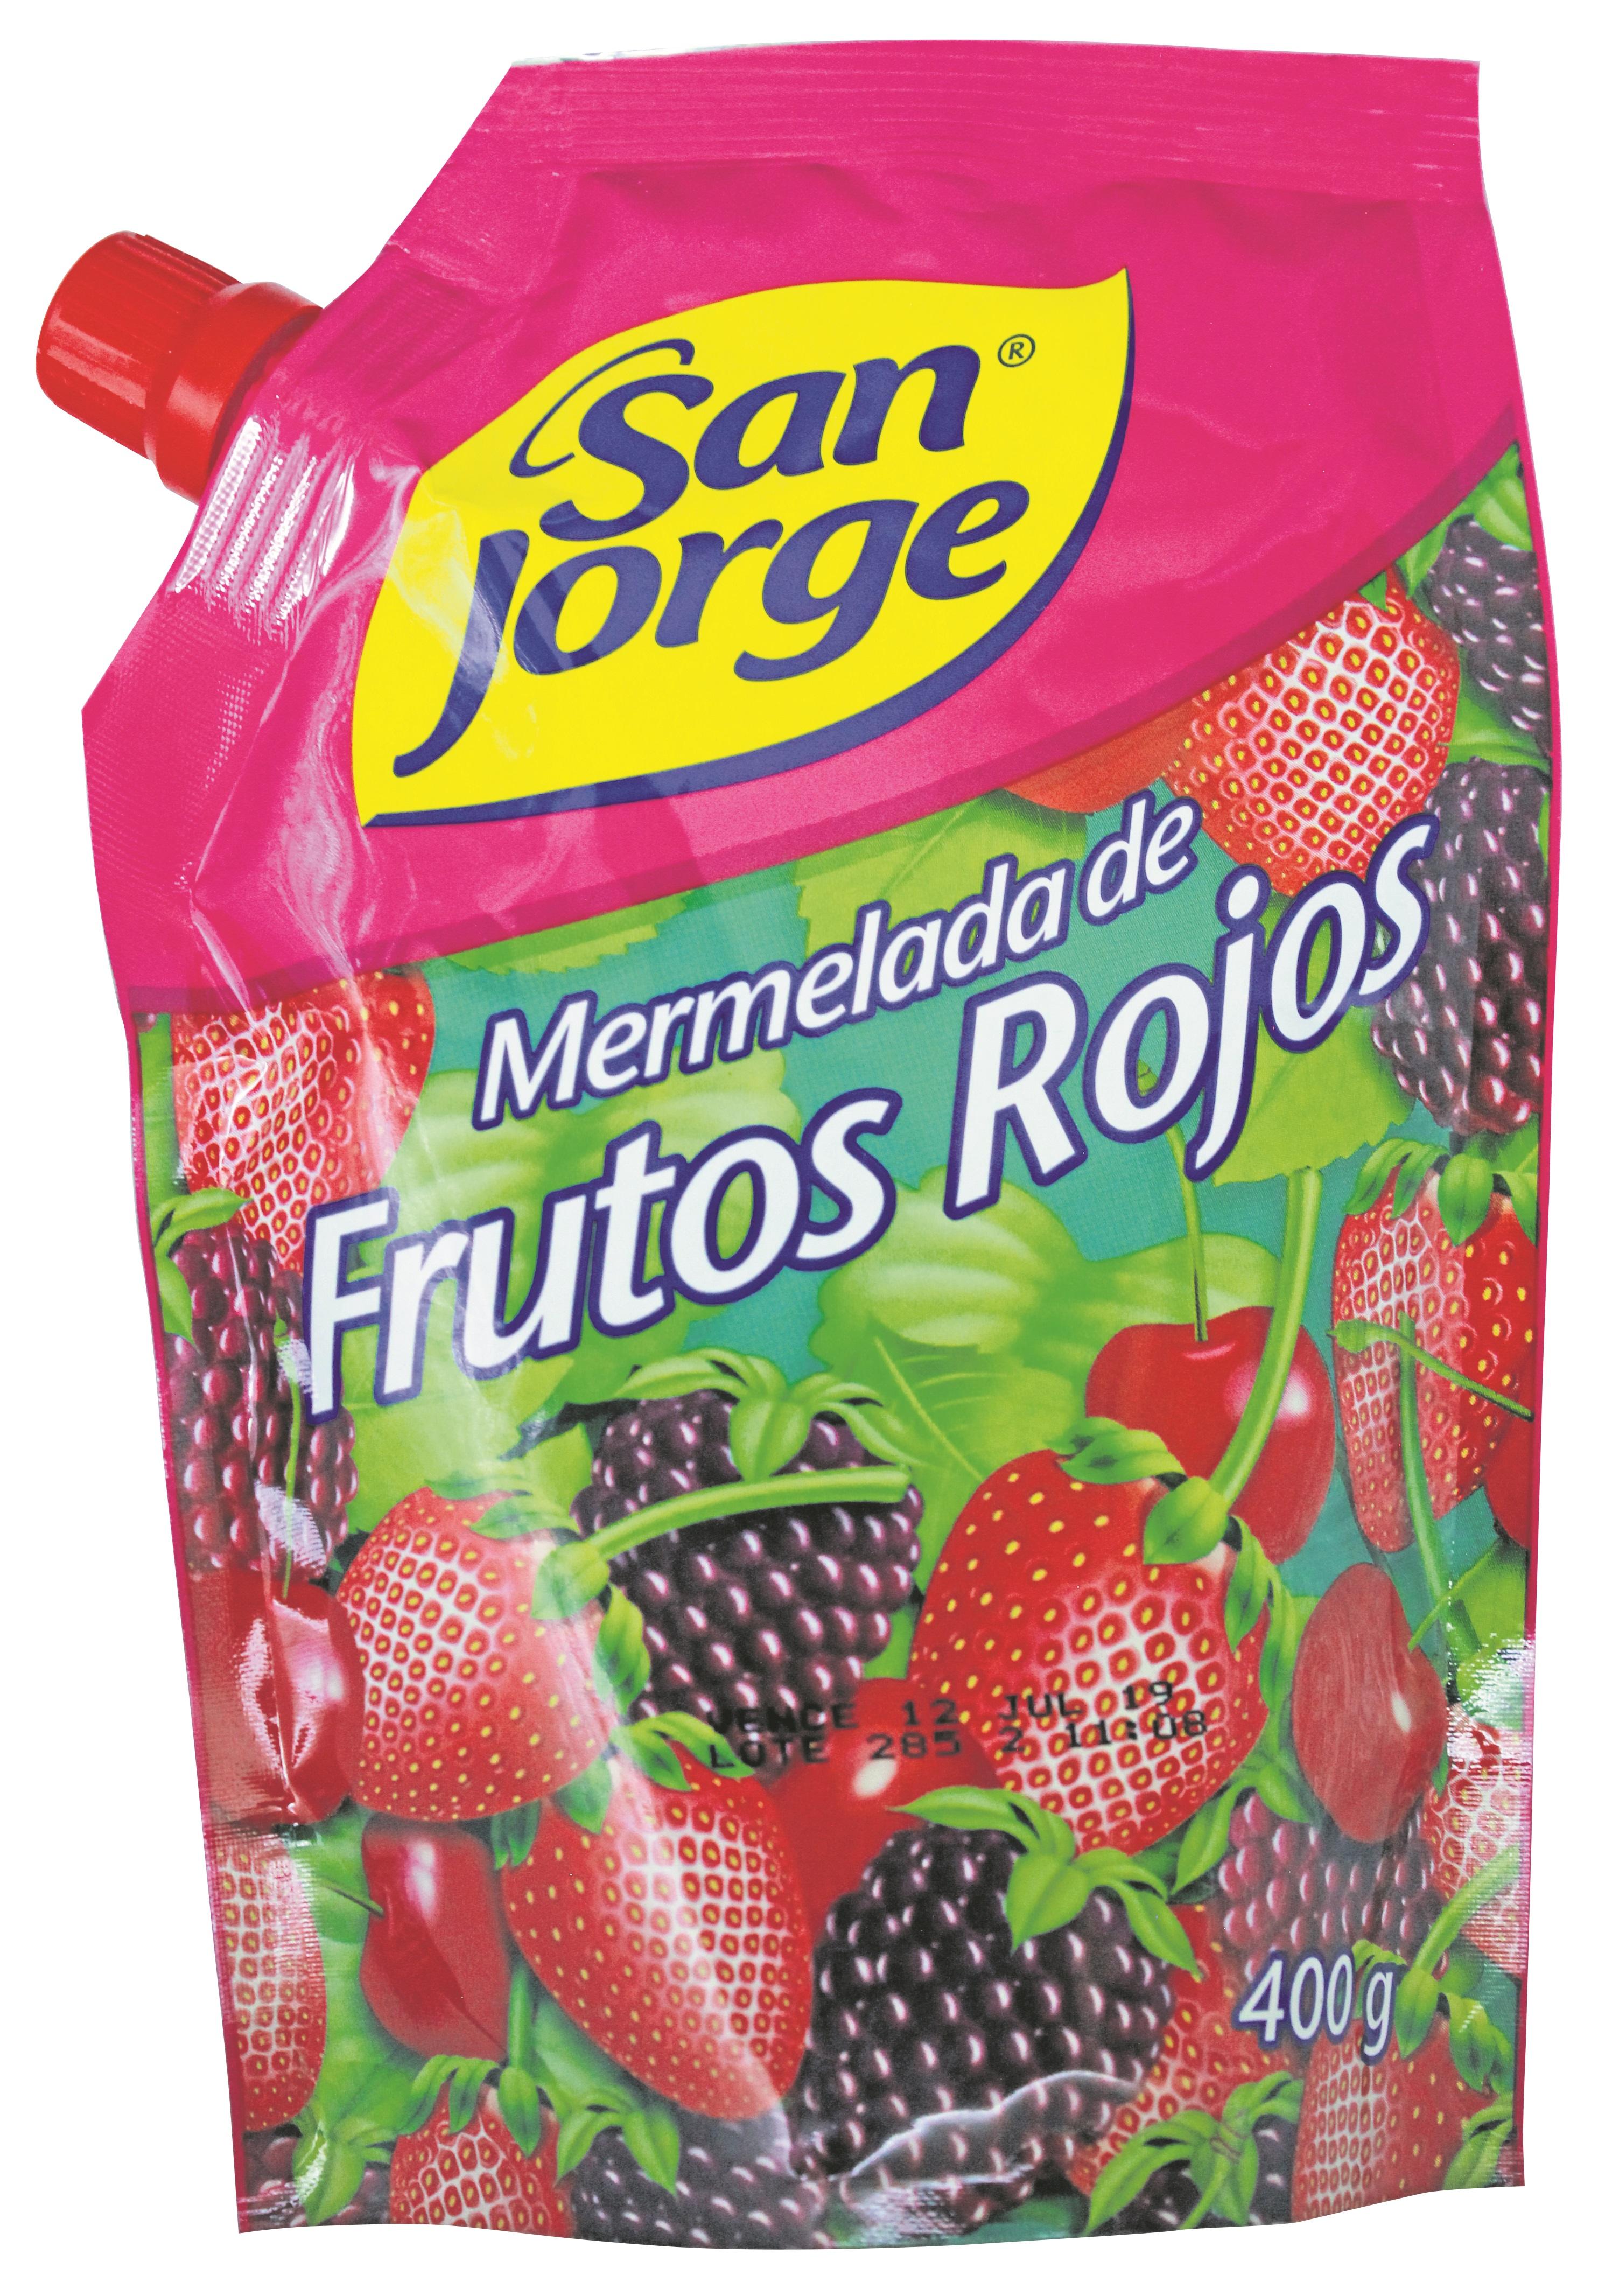 Mermelada Sanjorge Frutos Rojos 400g